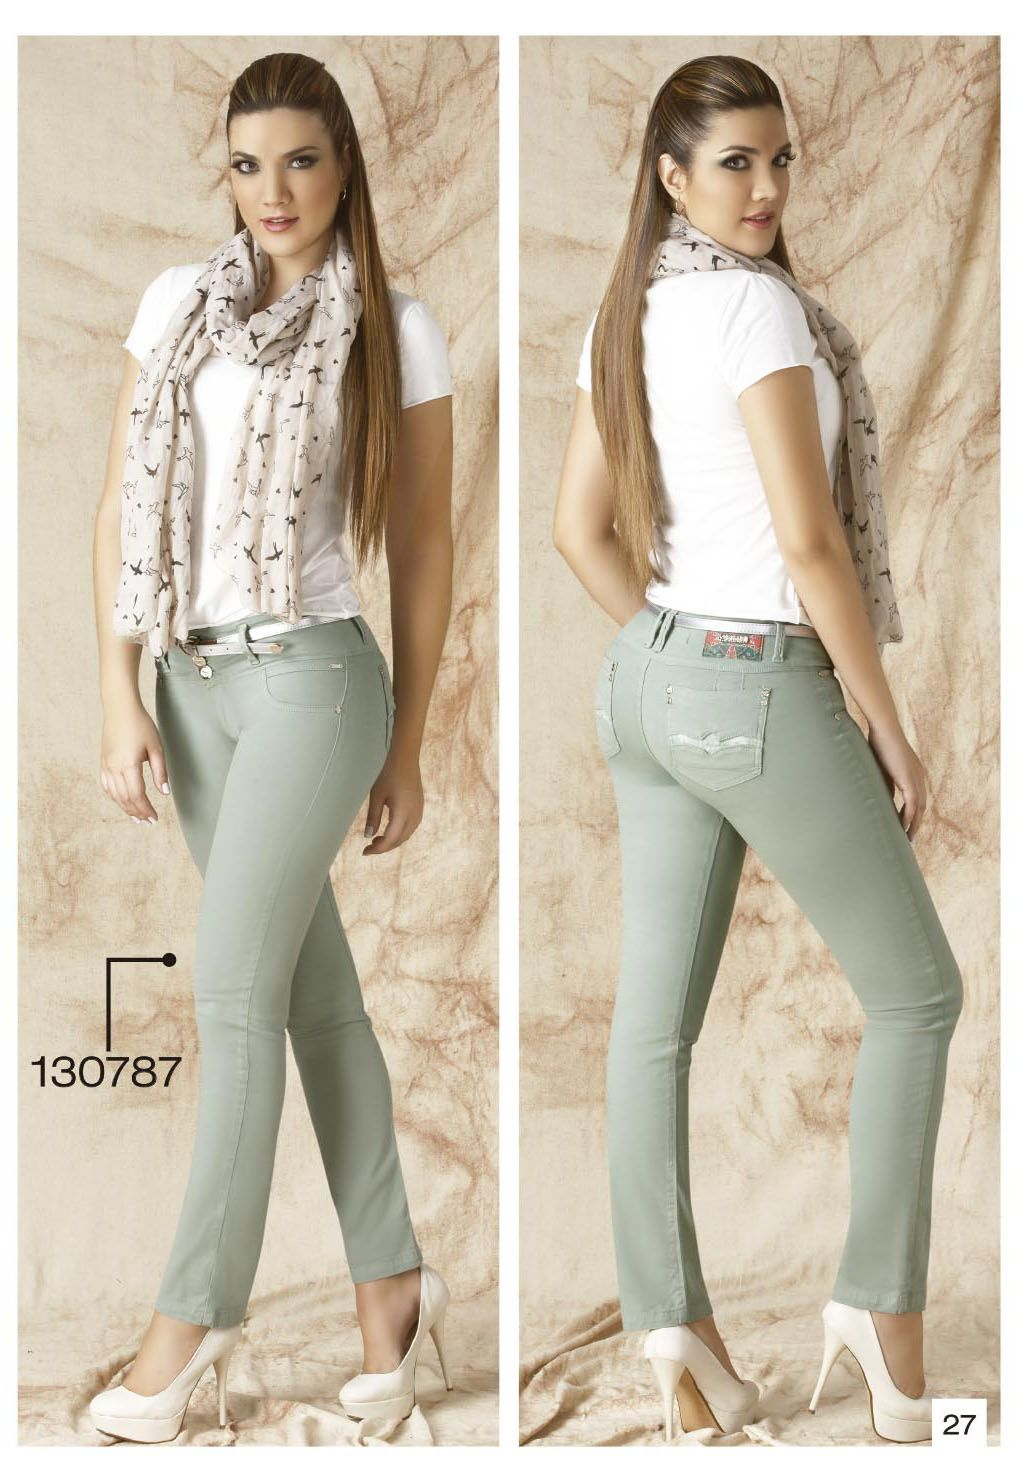 Claro Drill Tubo Pantalon Bota Color Verde De Pants nqC575tSW